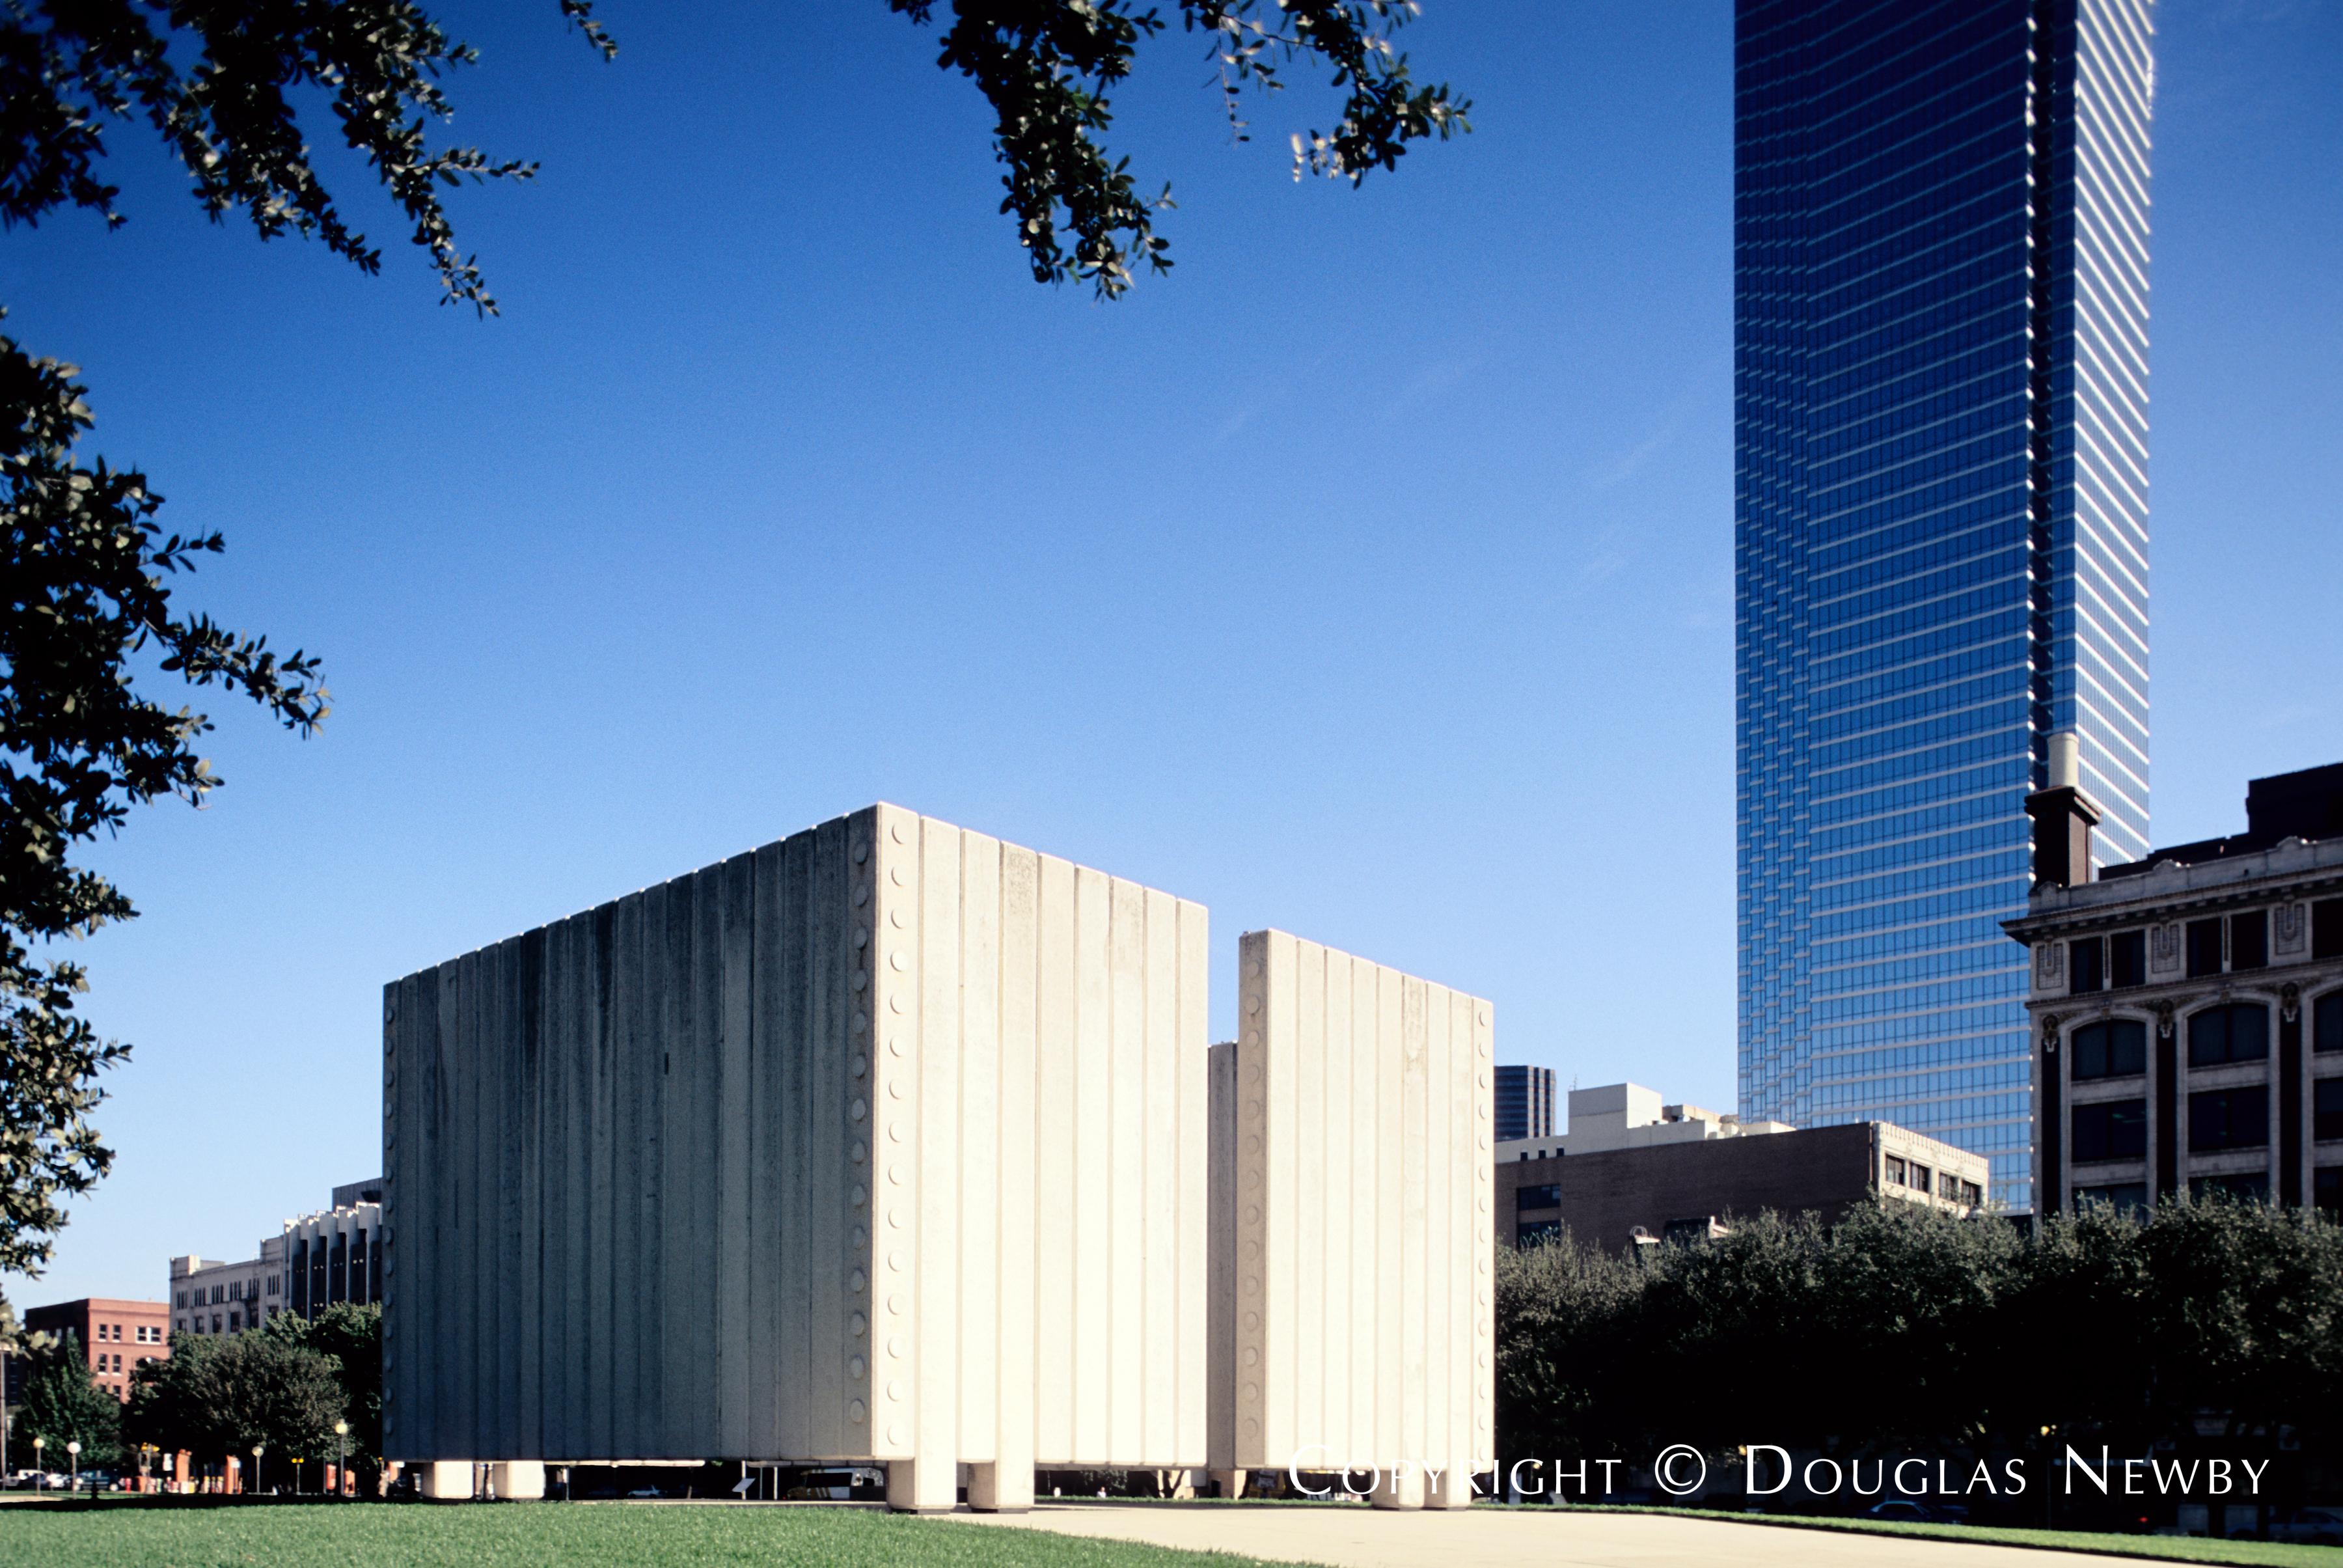 JFK Memorial Building in Downtown Dallas